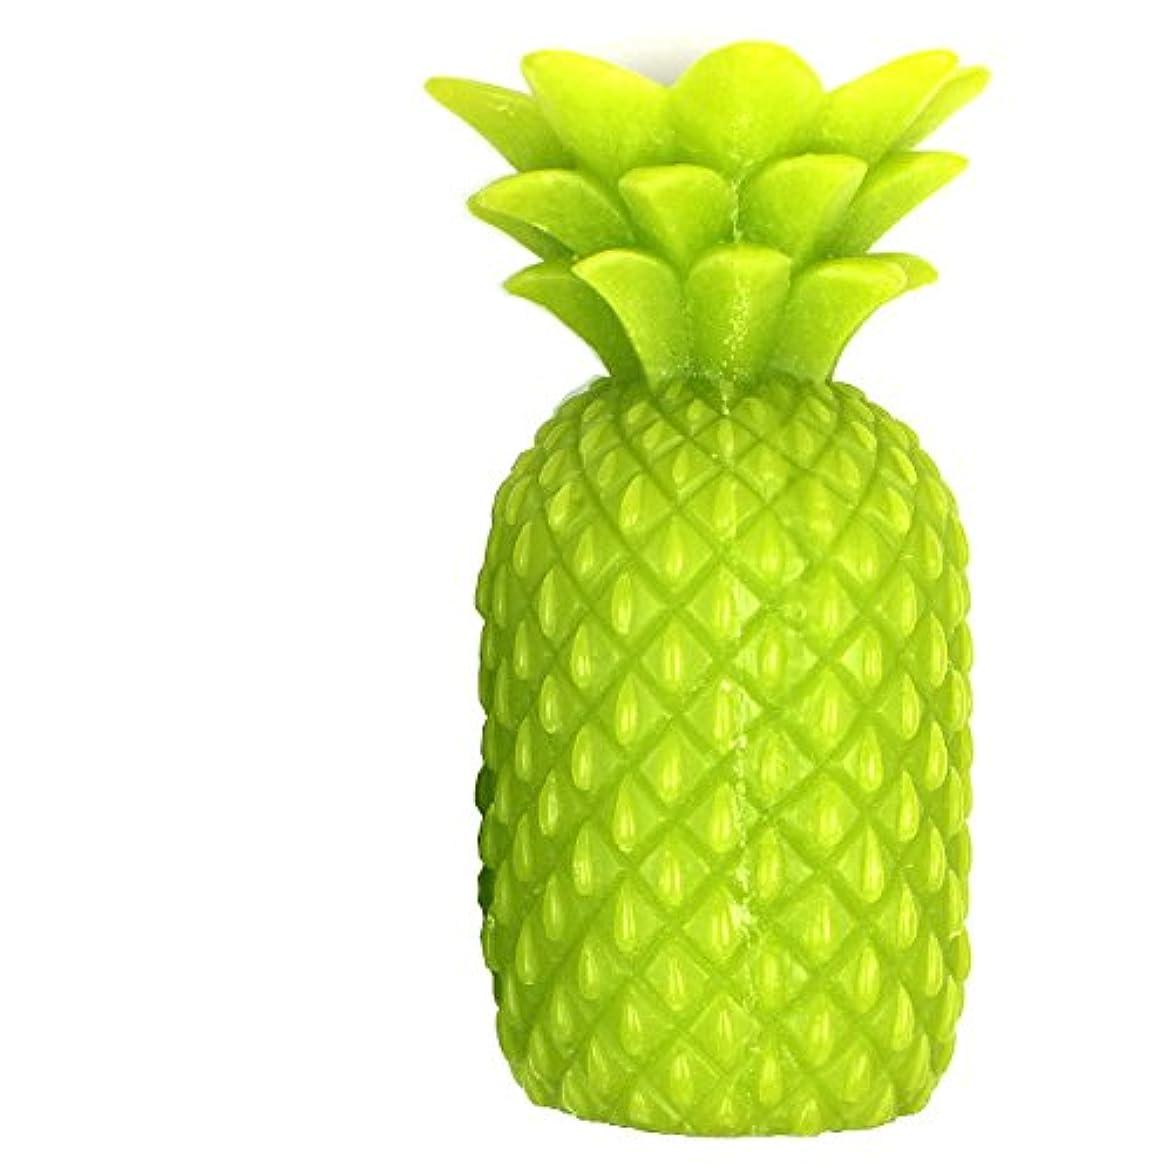 クラッシュ一般的な半円パイナップルキャンドル L グリーン